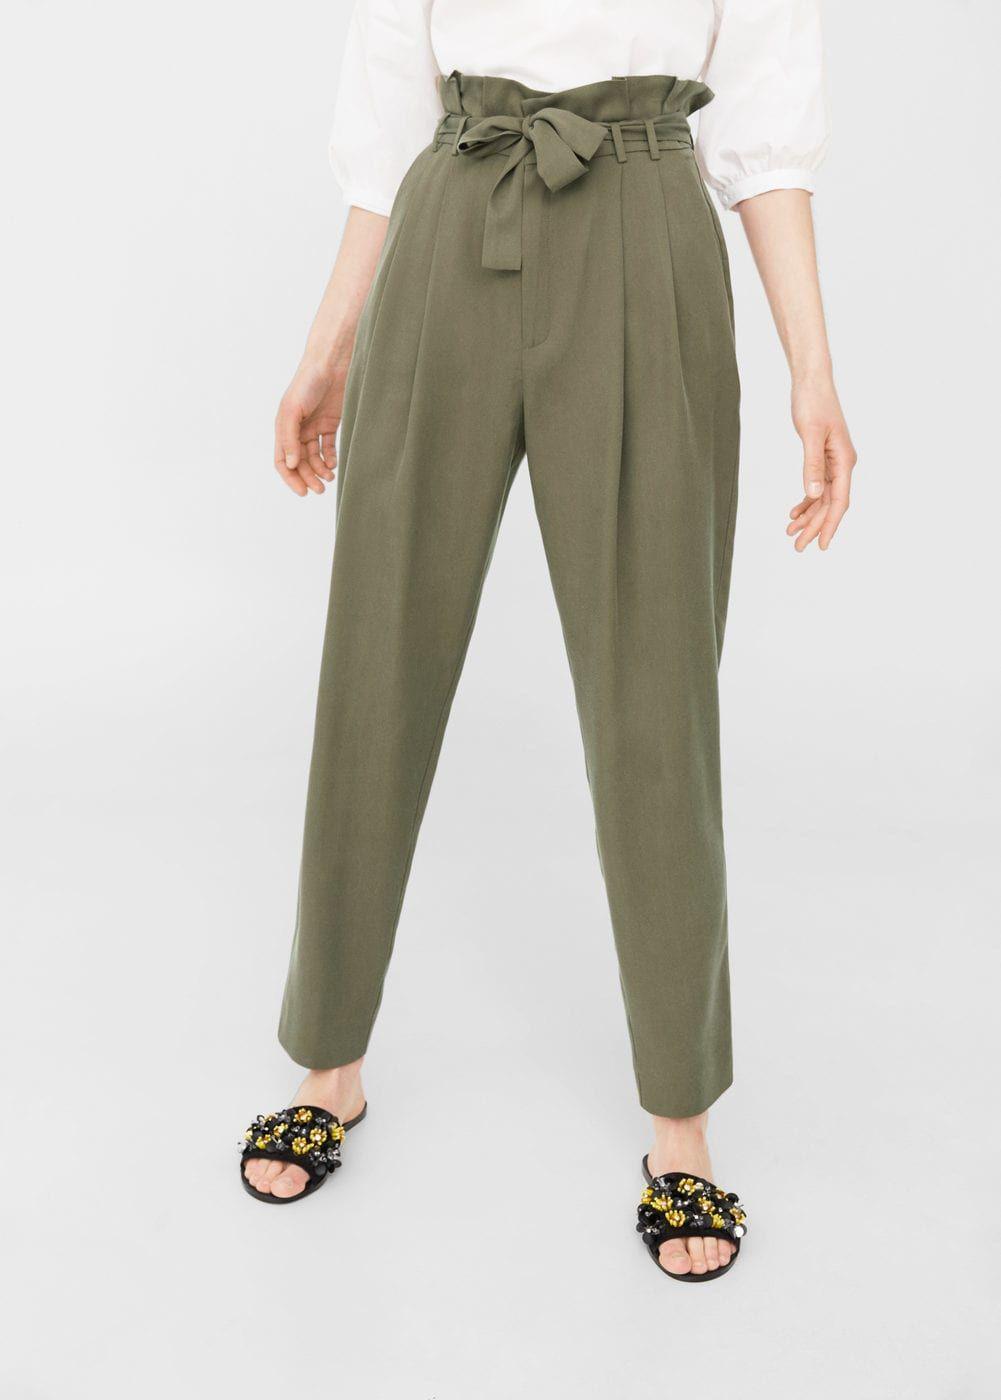 Mango Pantalones Mujer Tienda Online De Zapatos Ropa Y Complementos De Marca